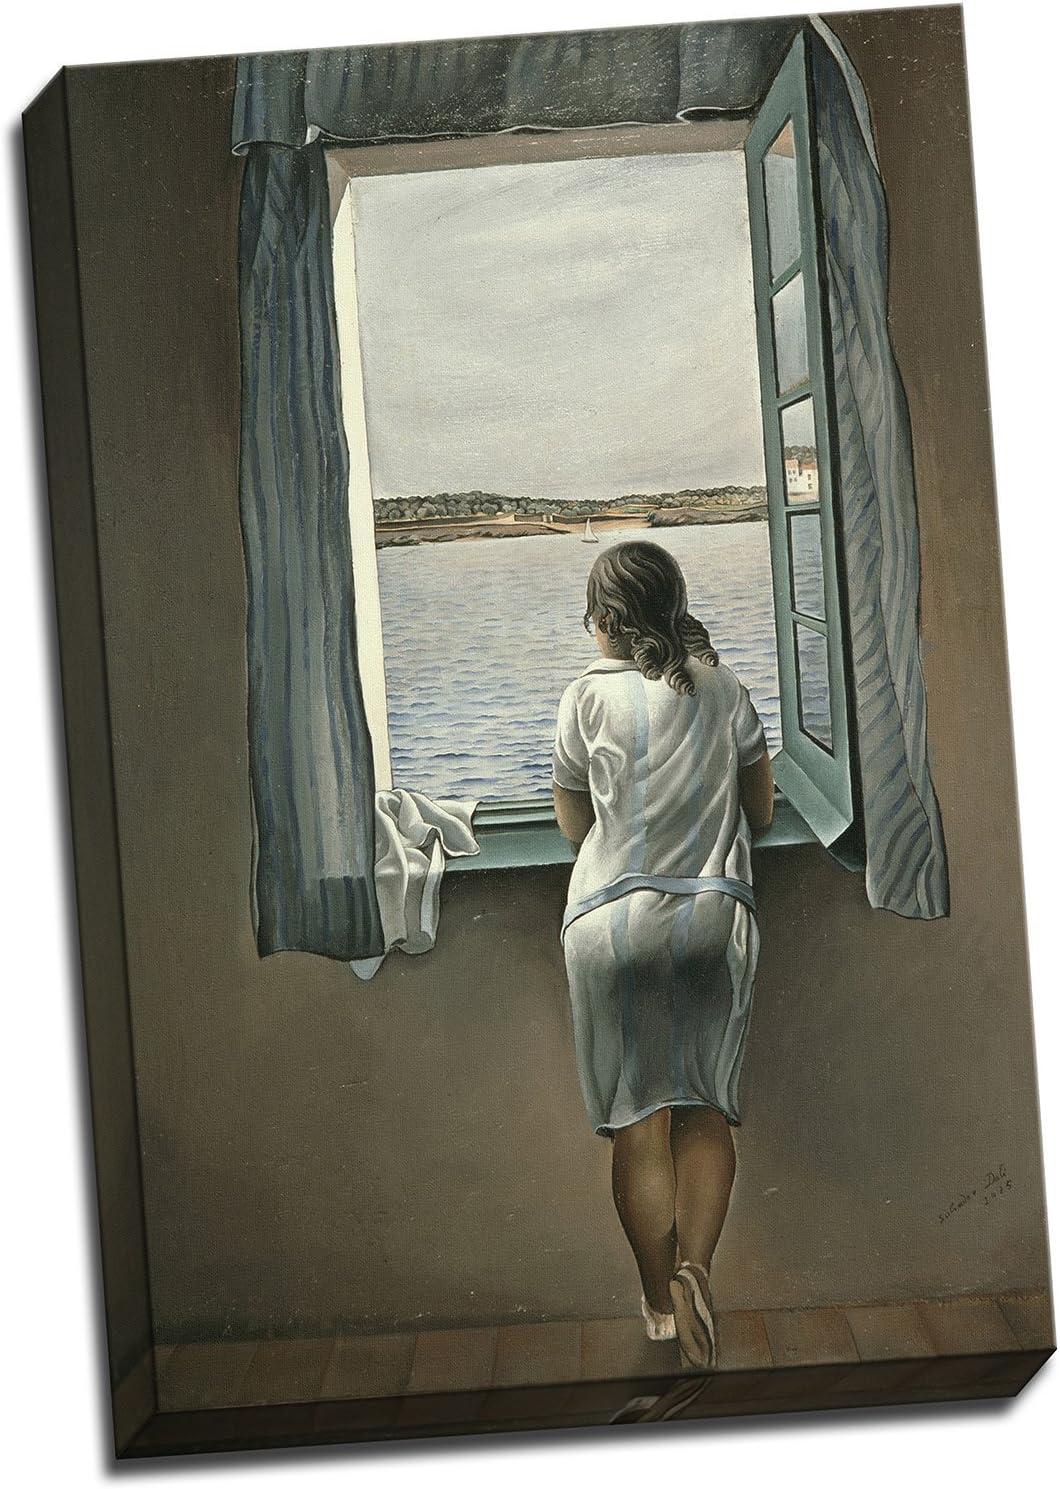 Salvador Dalí mujer en la ventana, impresión en lienzo, Póster grande, Varios Colores, 24 X 16 Inches (61cm x 41cm)